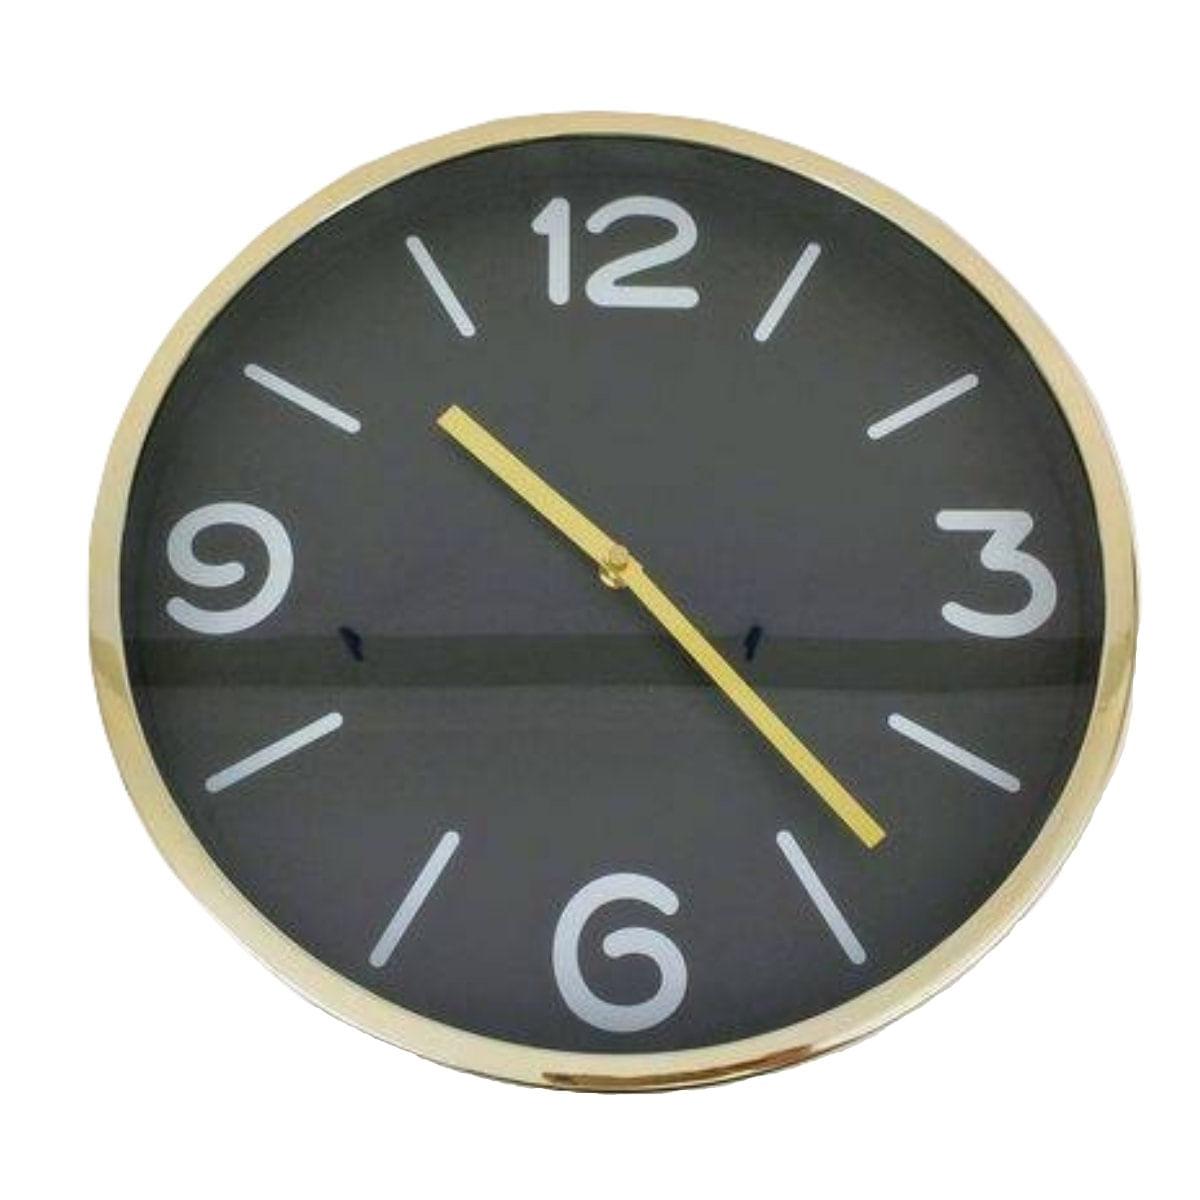 d9ad7eb2628ef Relógio de Parede - Dourado e Preto - CasaCenter